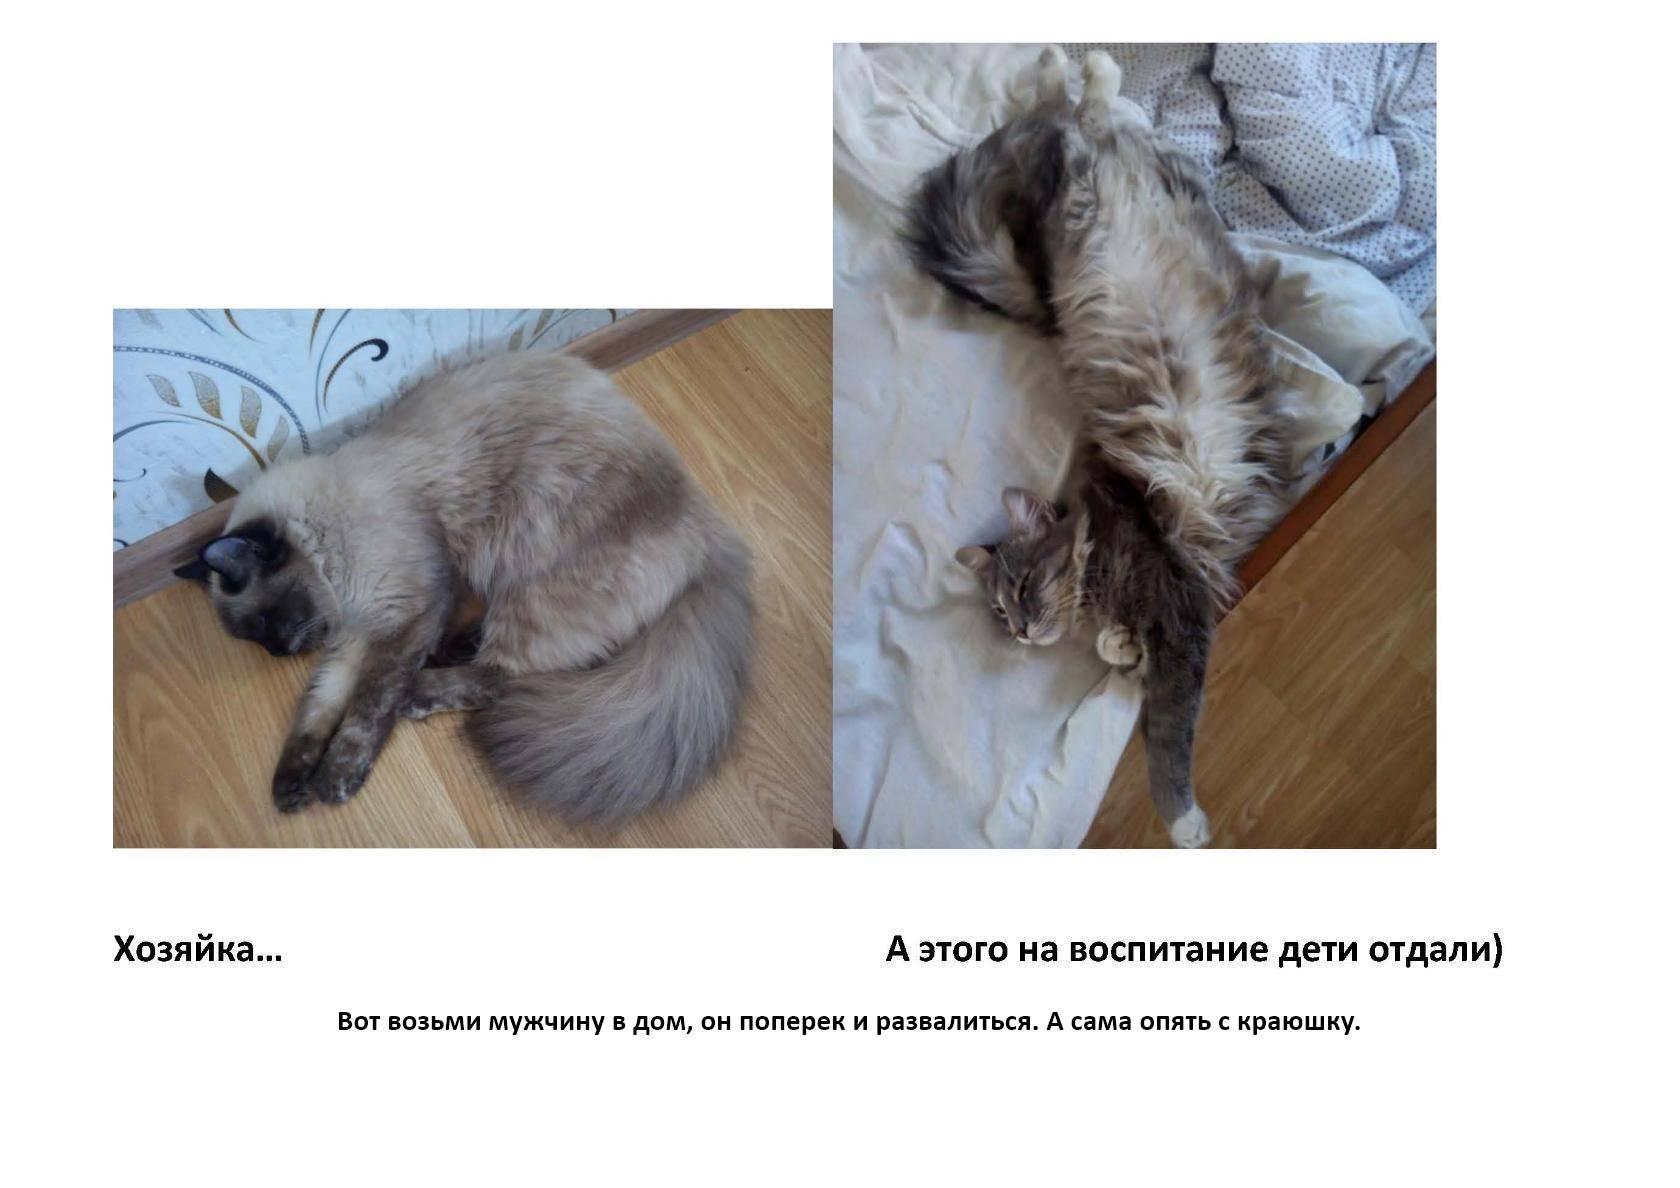 На сколько дней можно оставить кошку дома одну